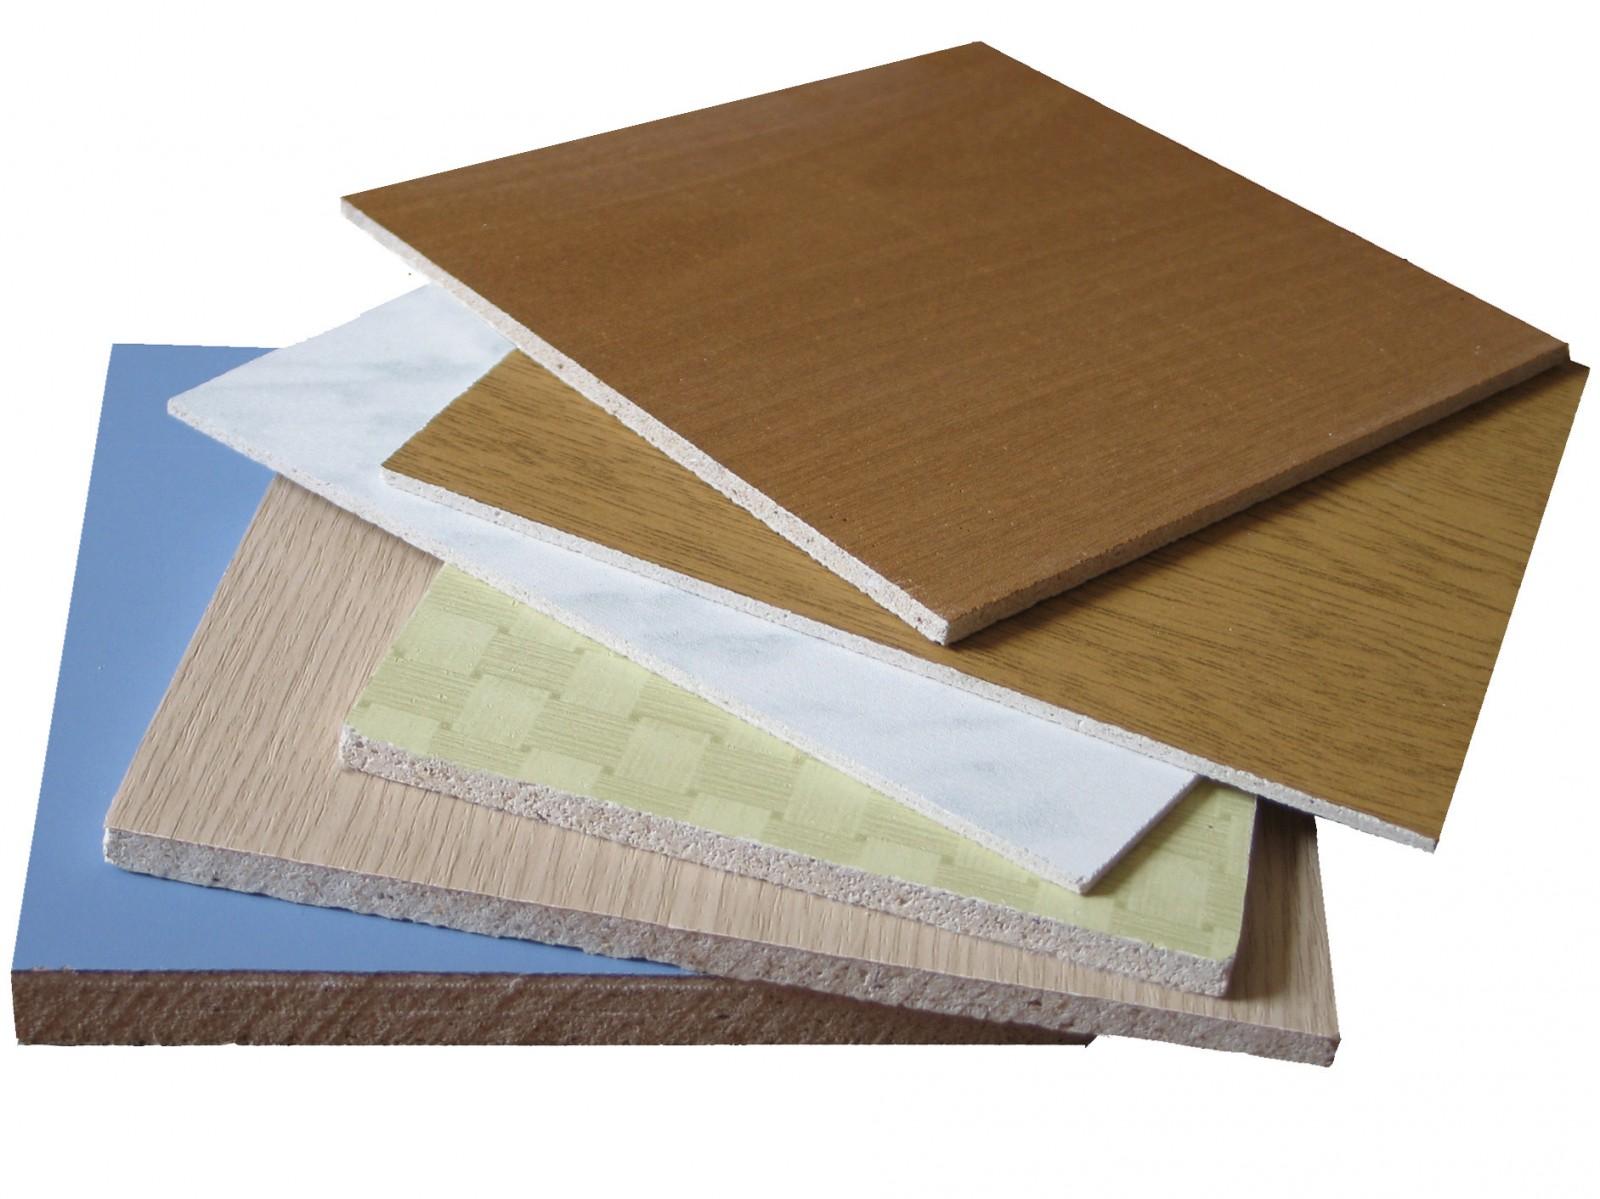 Негорючий сайдинг из фиброцемента, металла, винила и термопанелей для обшивки деревянного дома